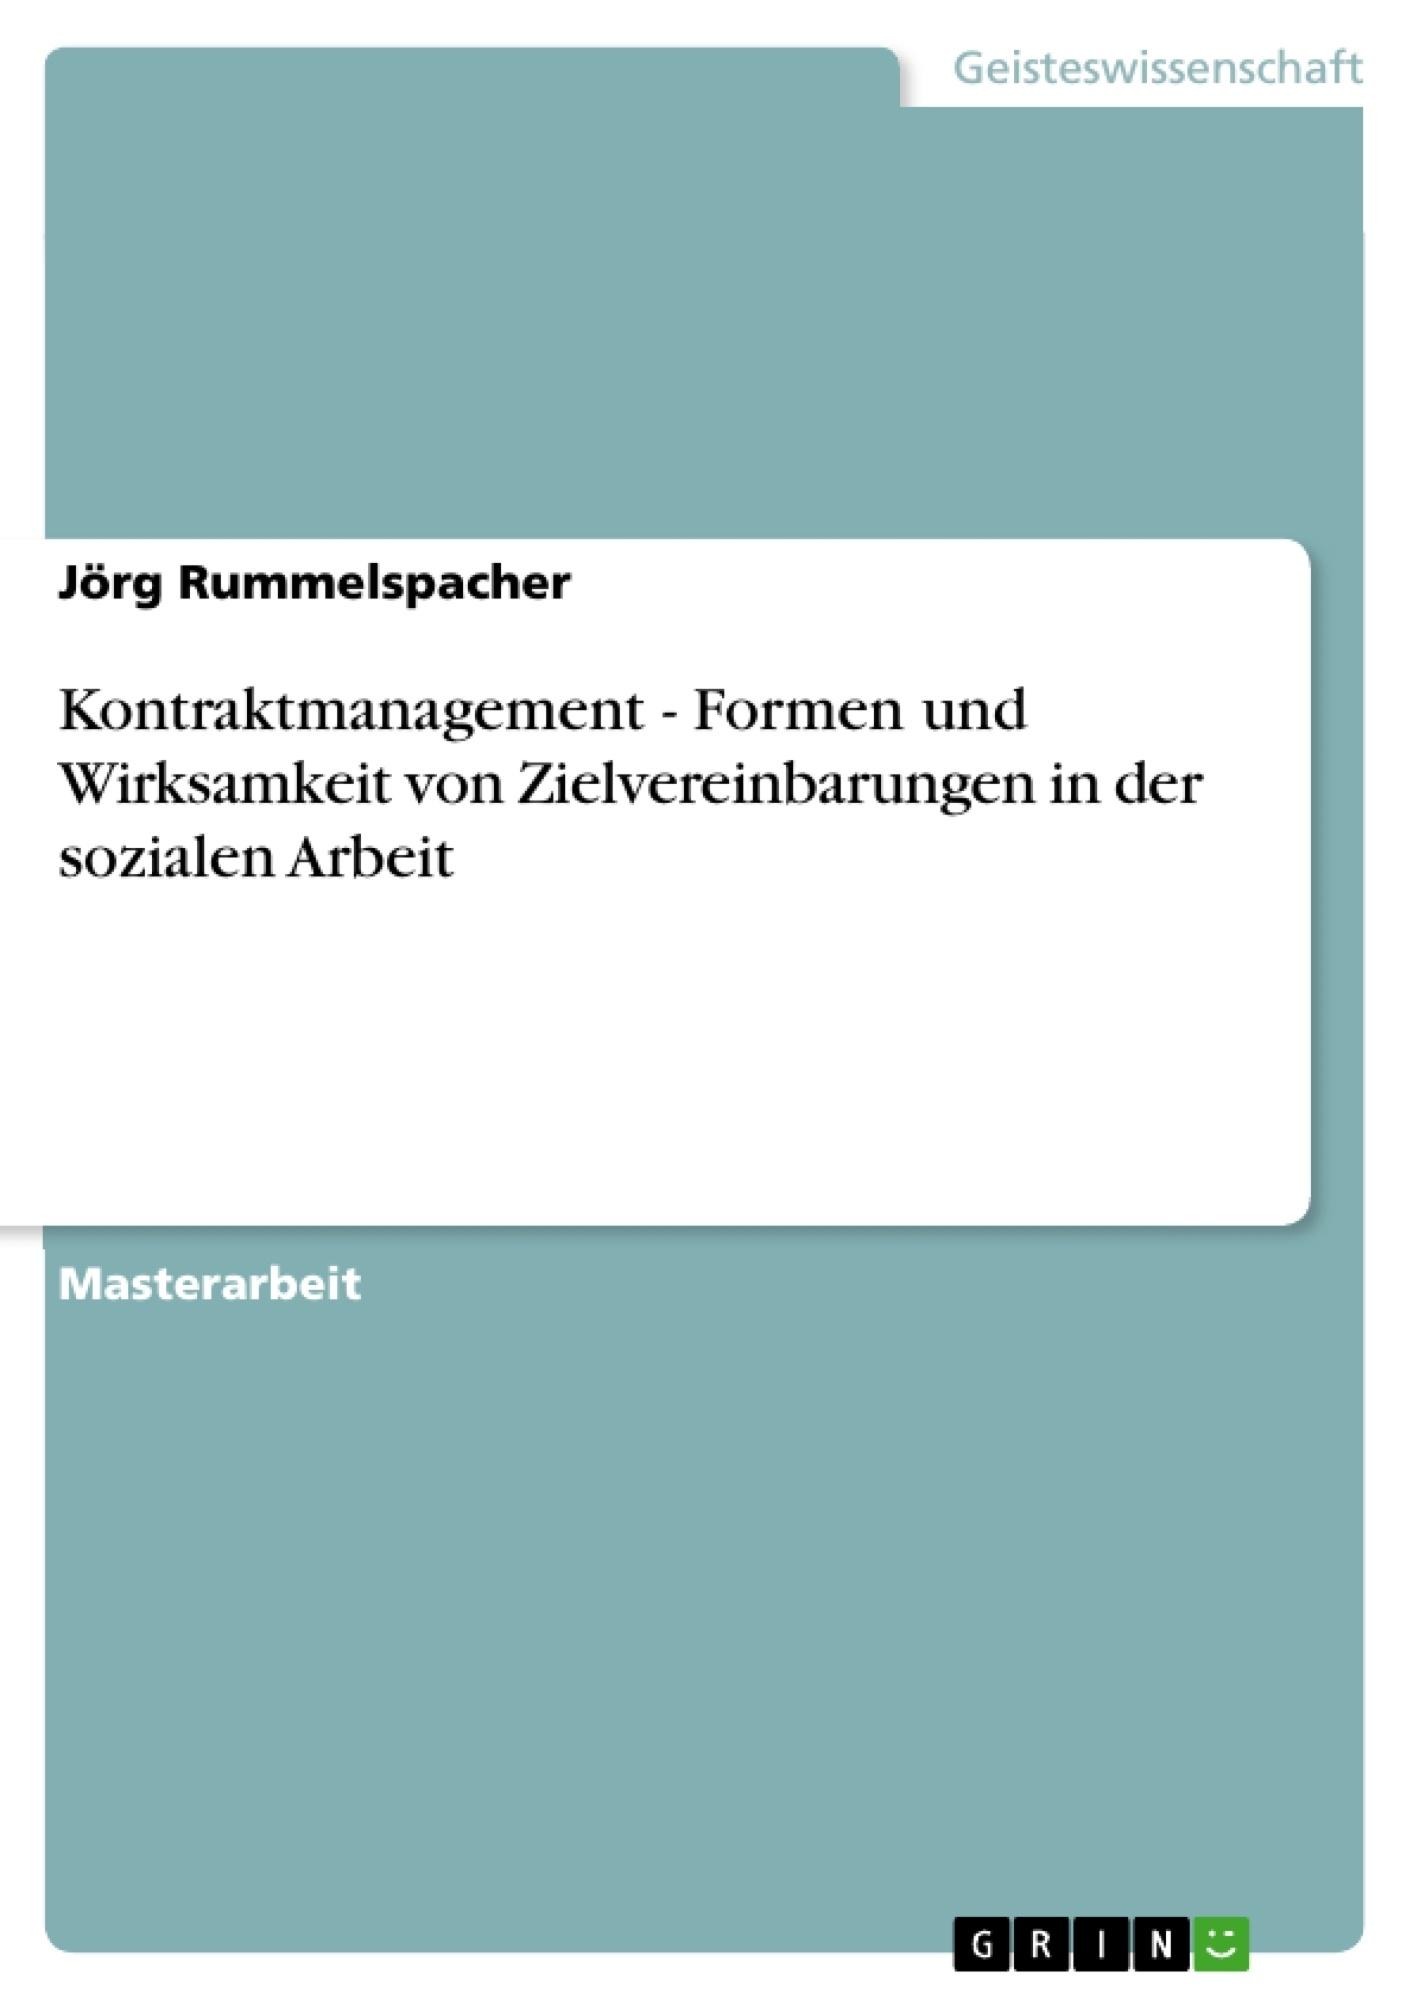 Titel: Kontraktmanagement - Formen und Wirksamkeit von Zielvereinbarungen in der sozialen Arbeit